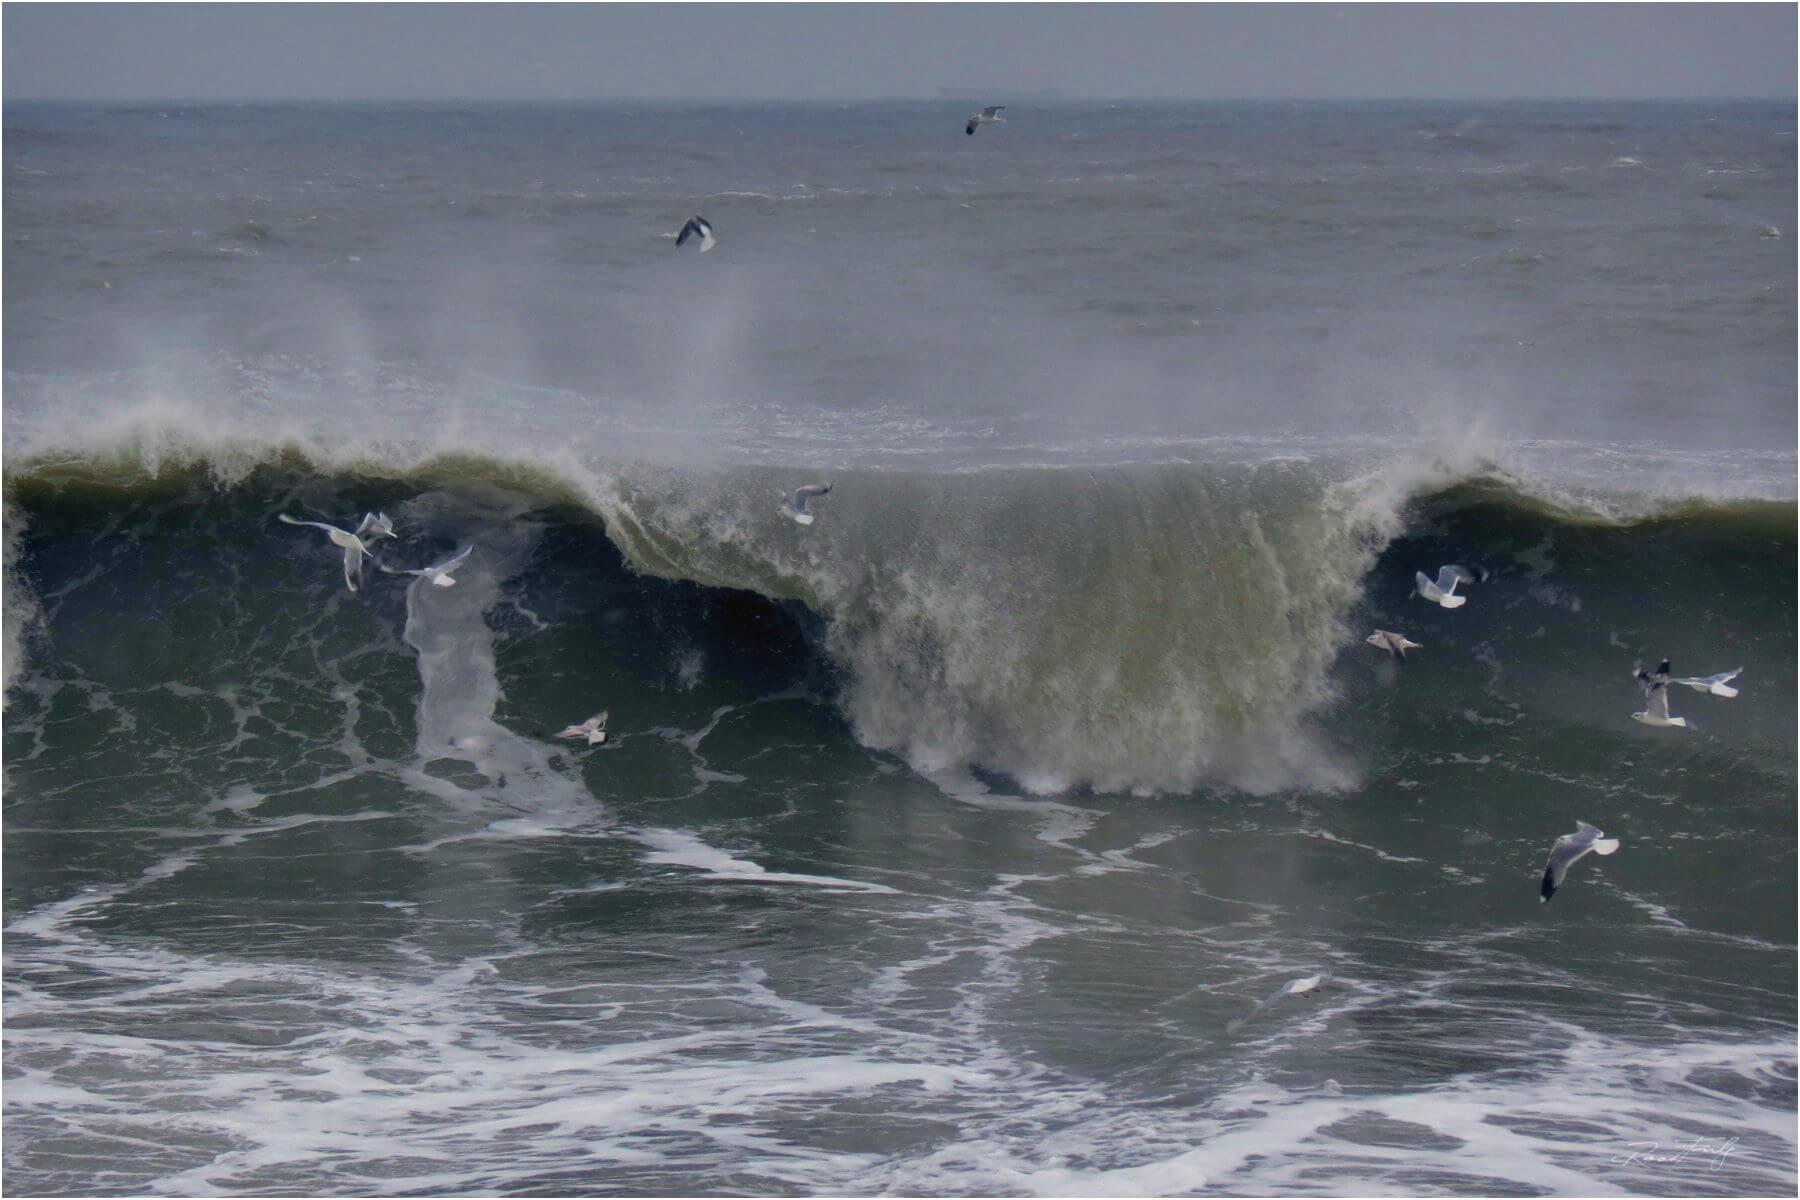 Surfing in Romania pe valurile din Constanta – poza realizata de Radu Fulga